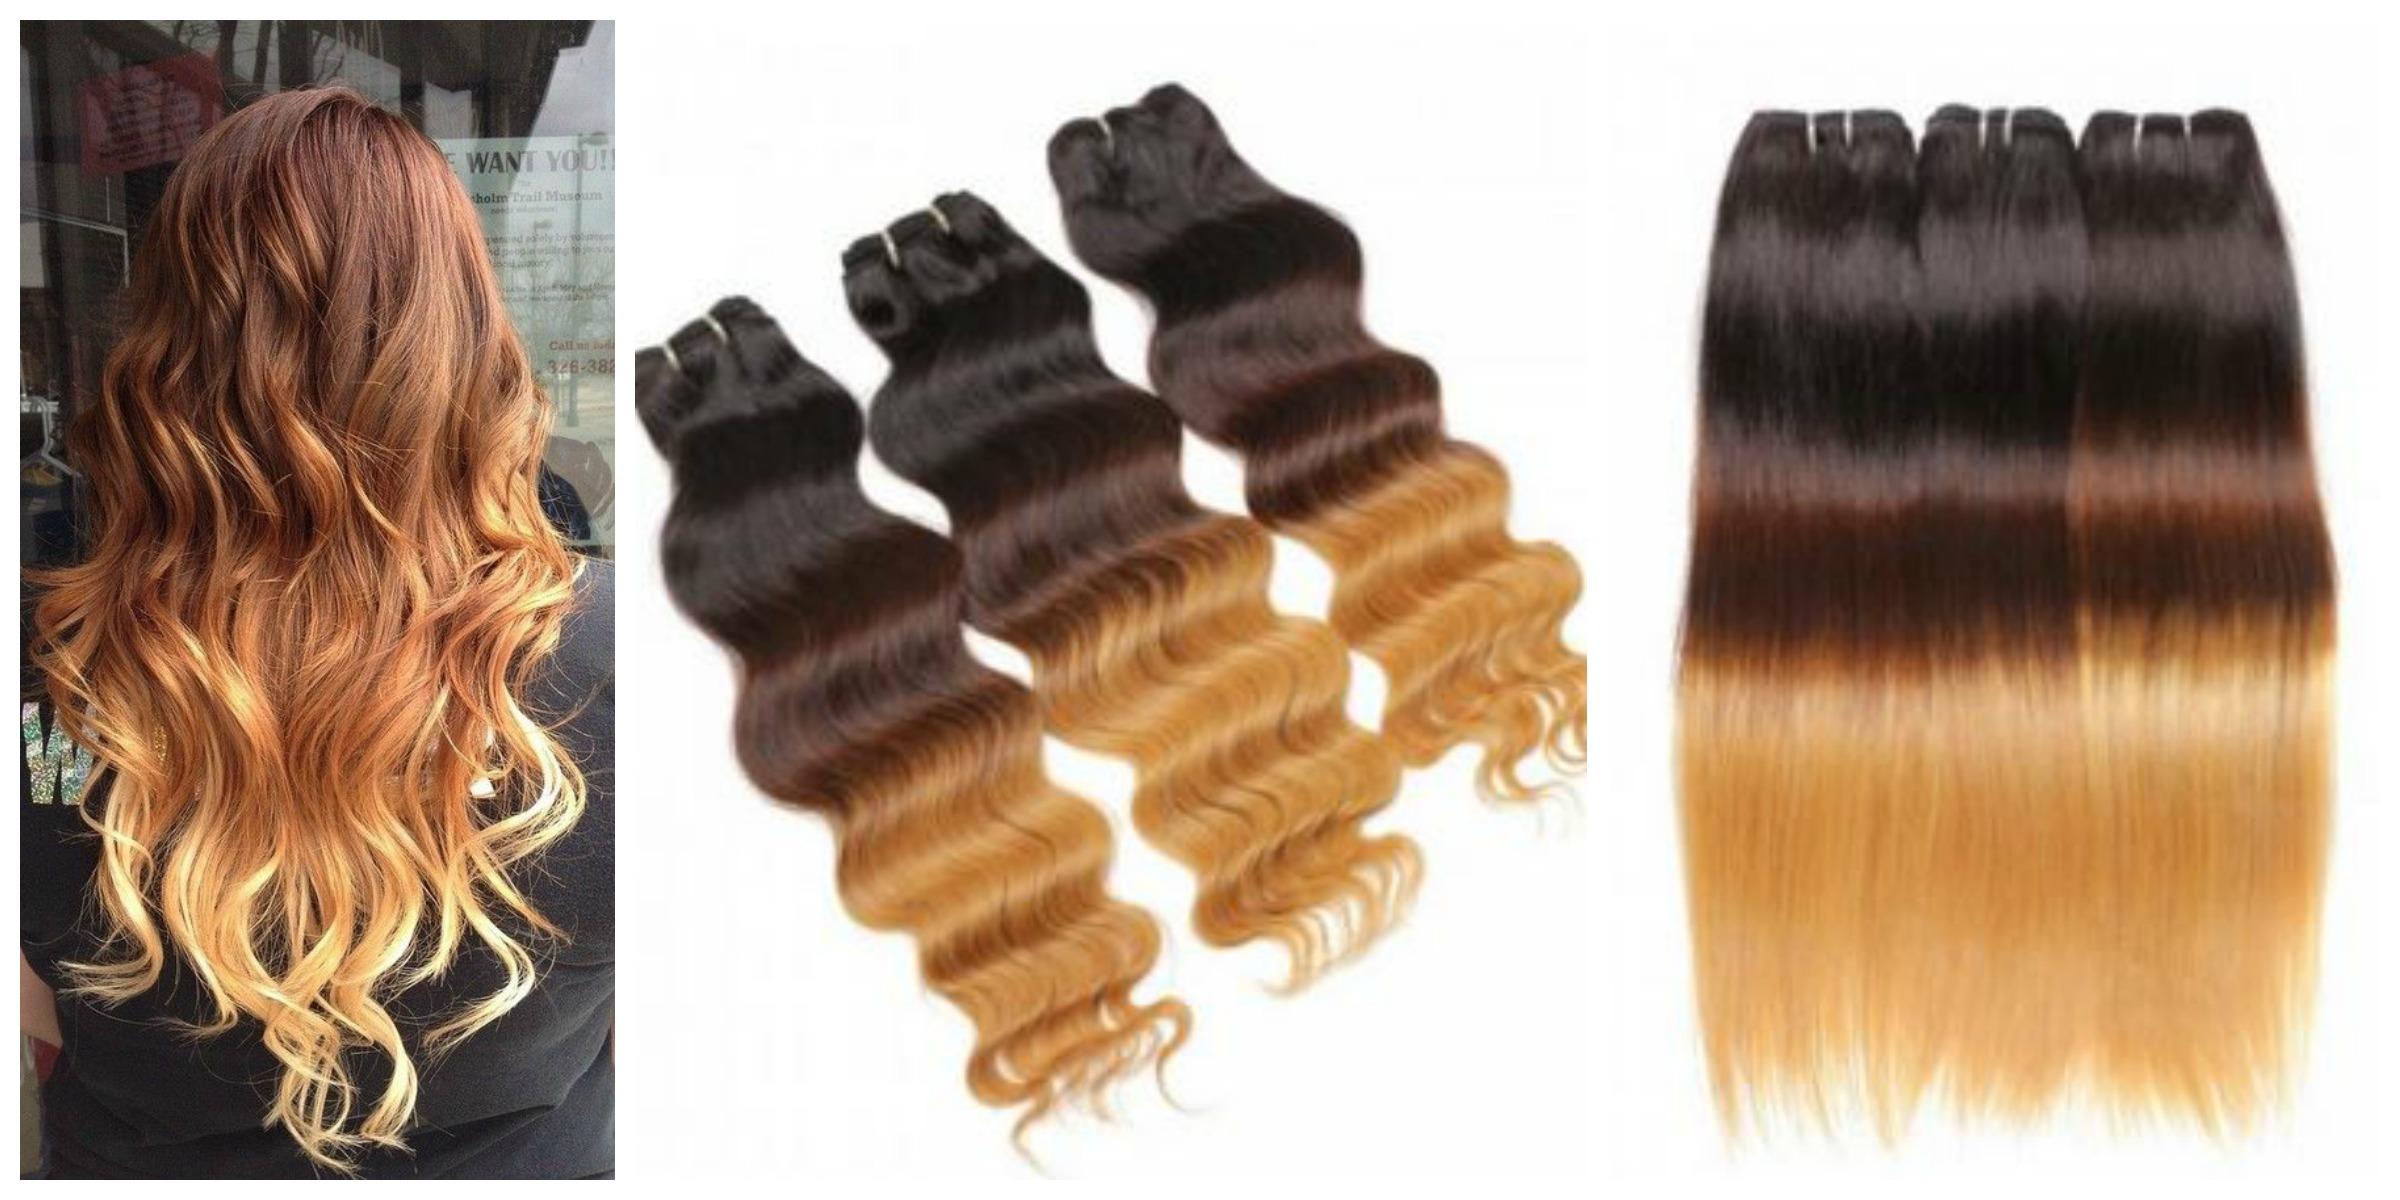 extension per capelli MOFAIN OMBRE HAIR CON ESTENSIONI